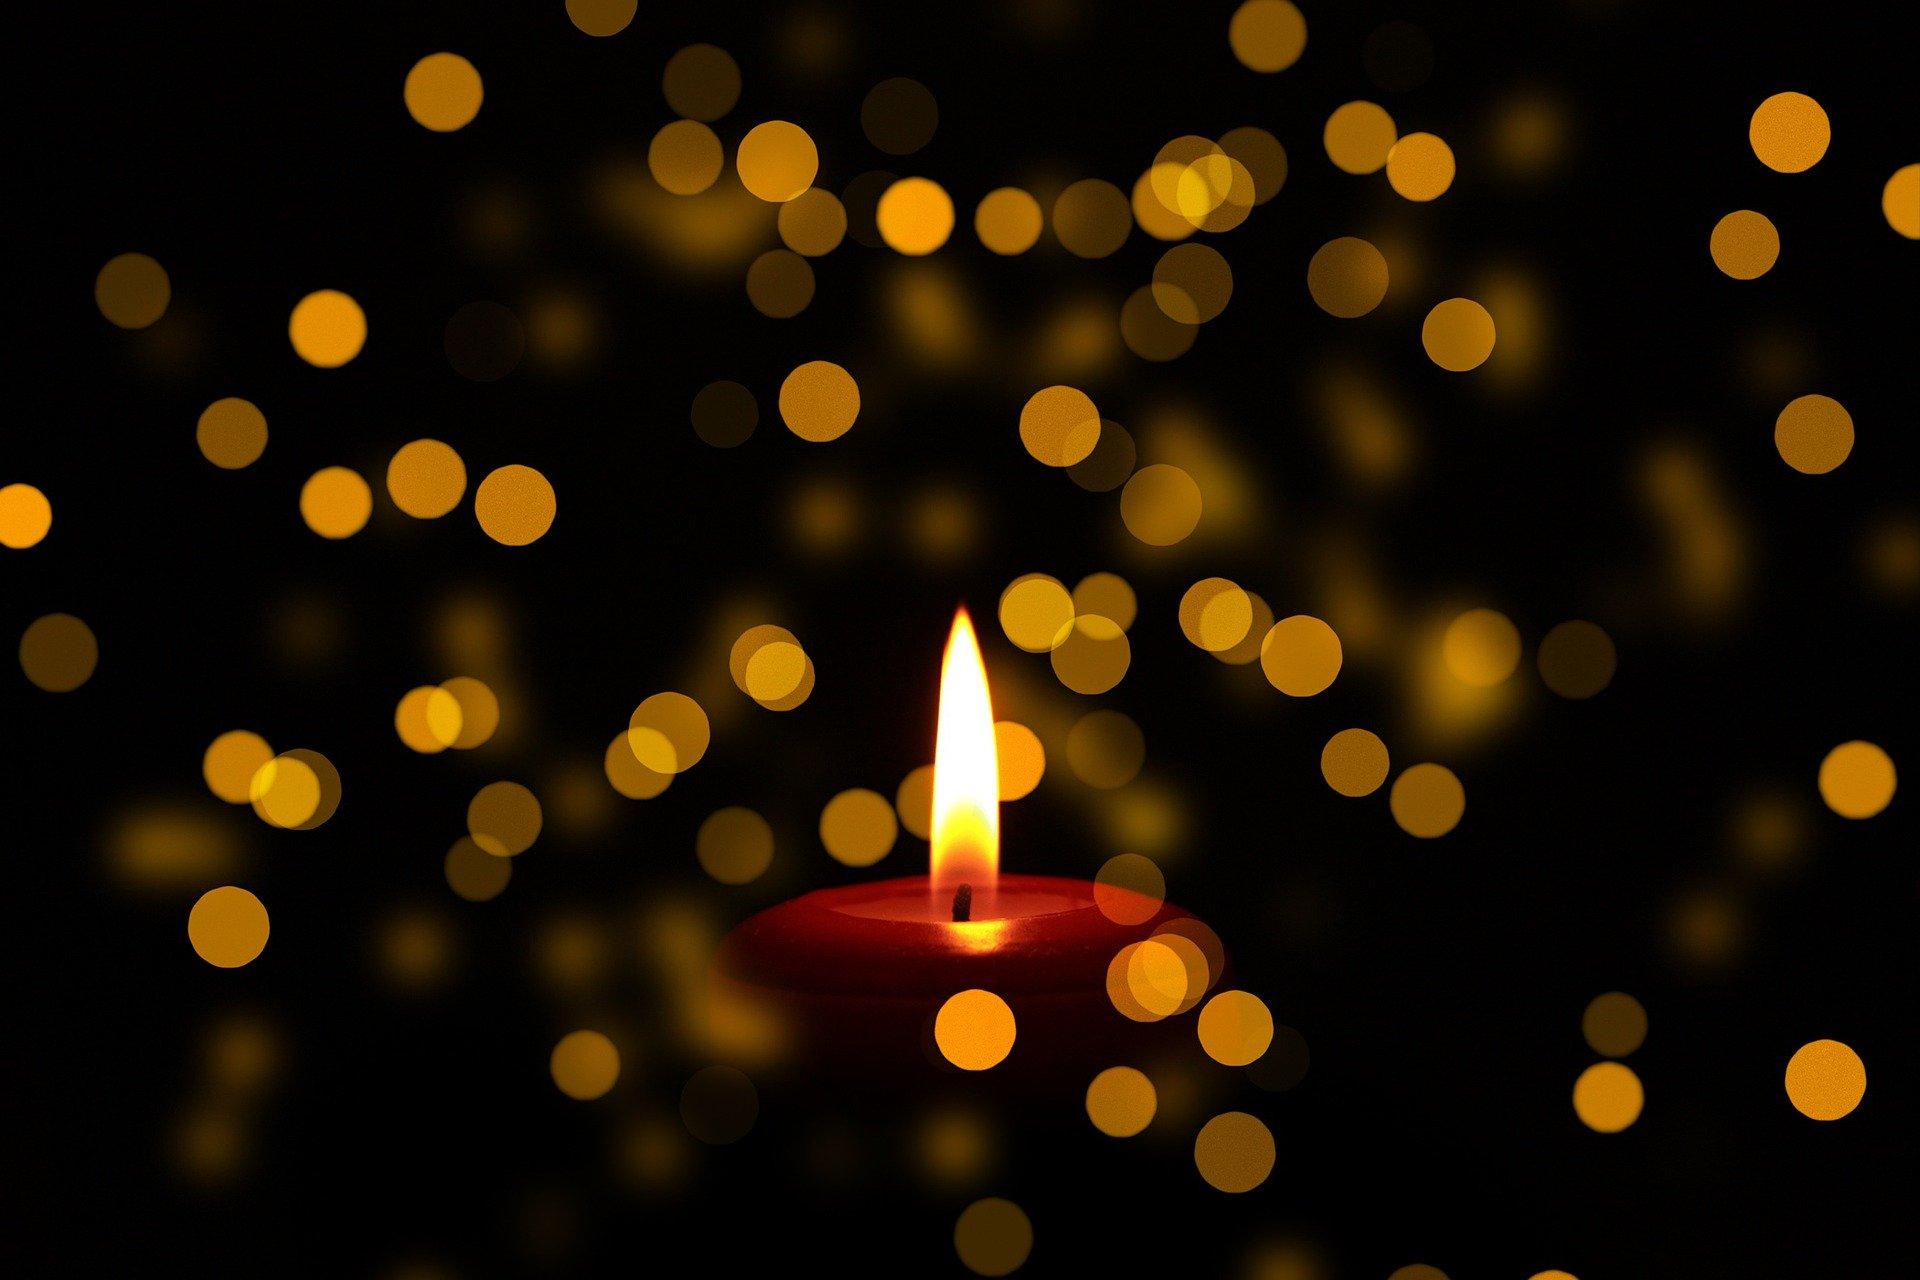 志村けんさんが死去。訃報受けた芸能人・著名人の追悼コメントまとめ